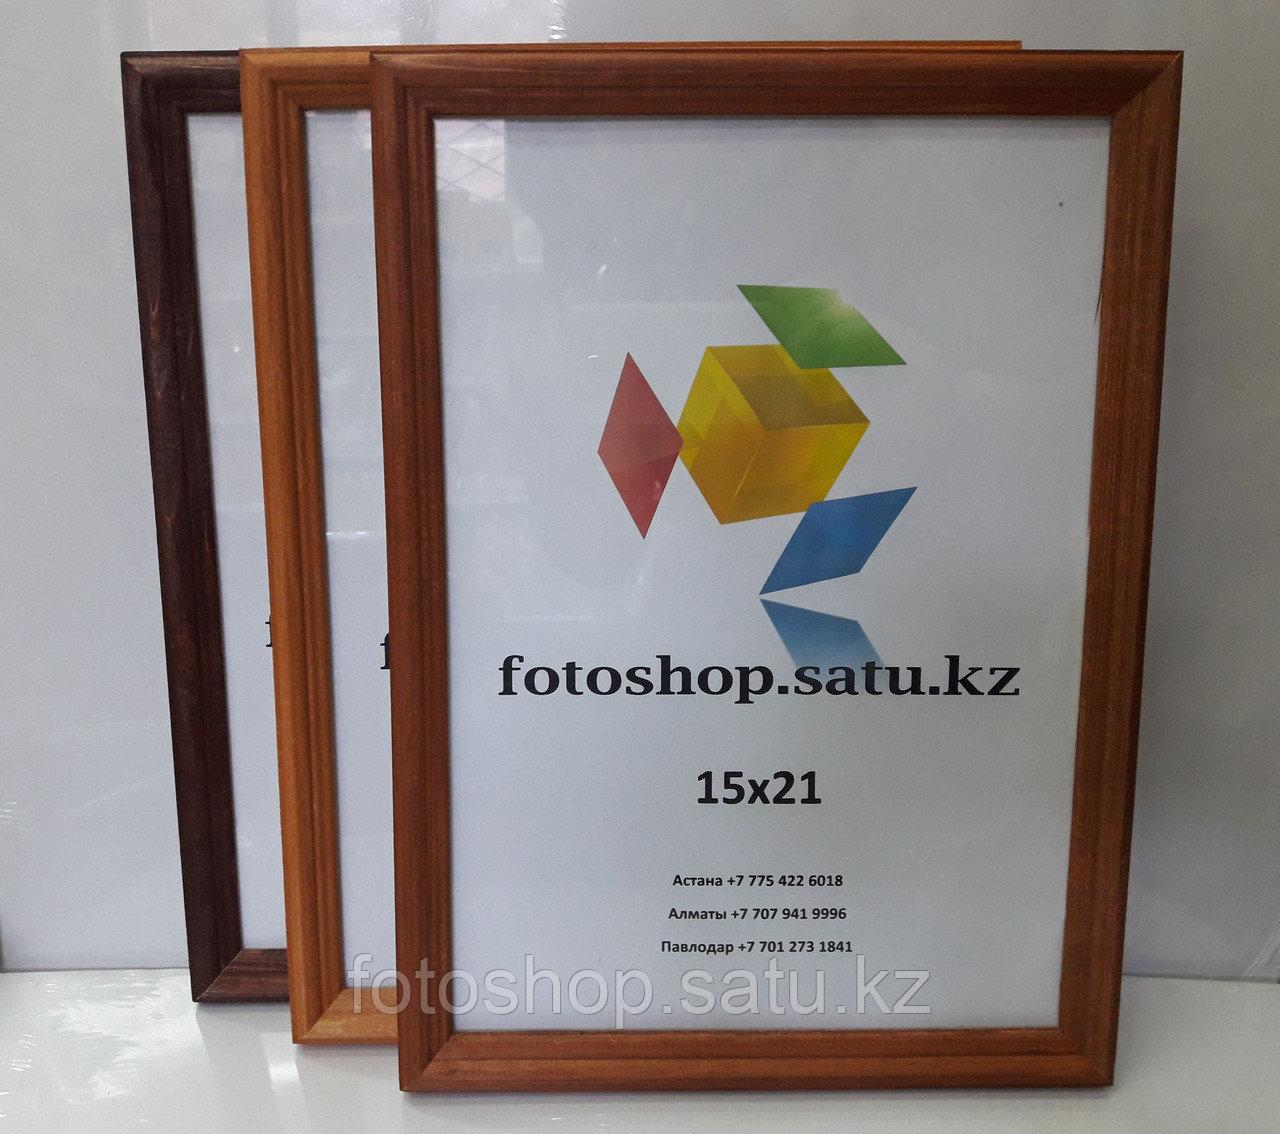 Фоторамка деревянная со стеклом 15*21 - фото 2